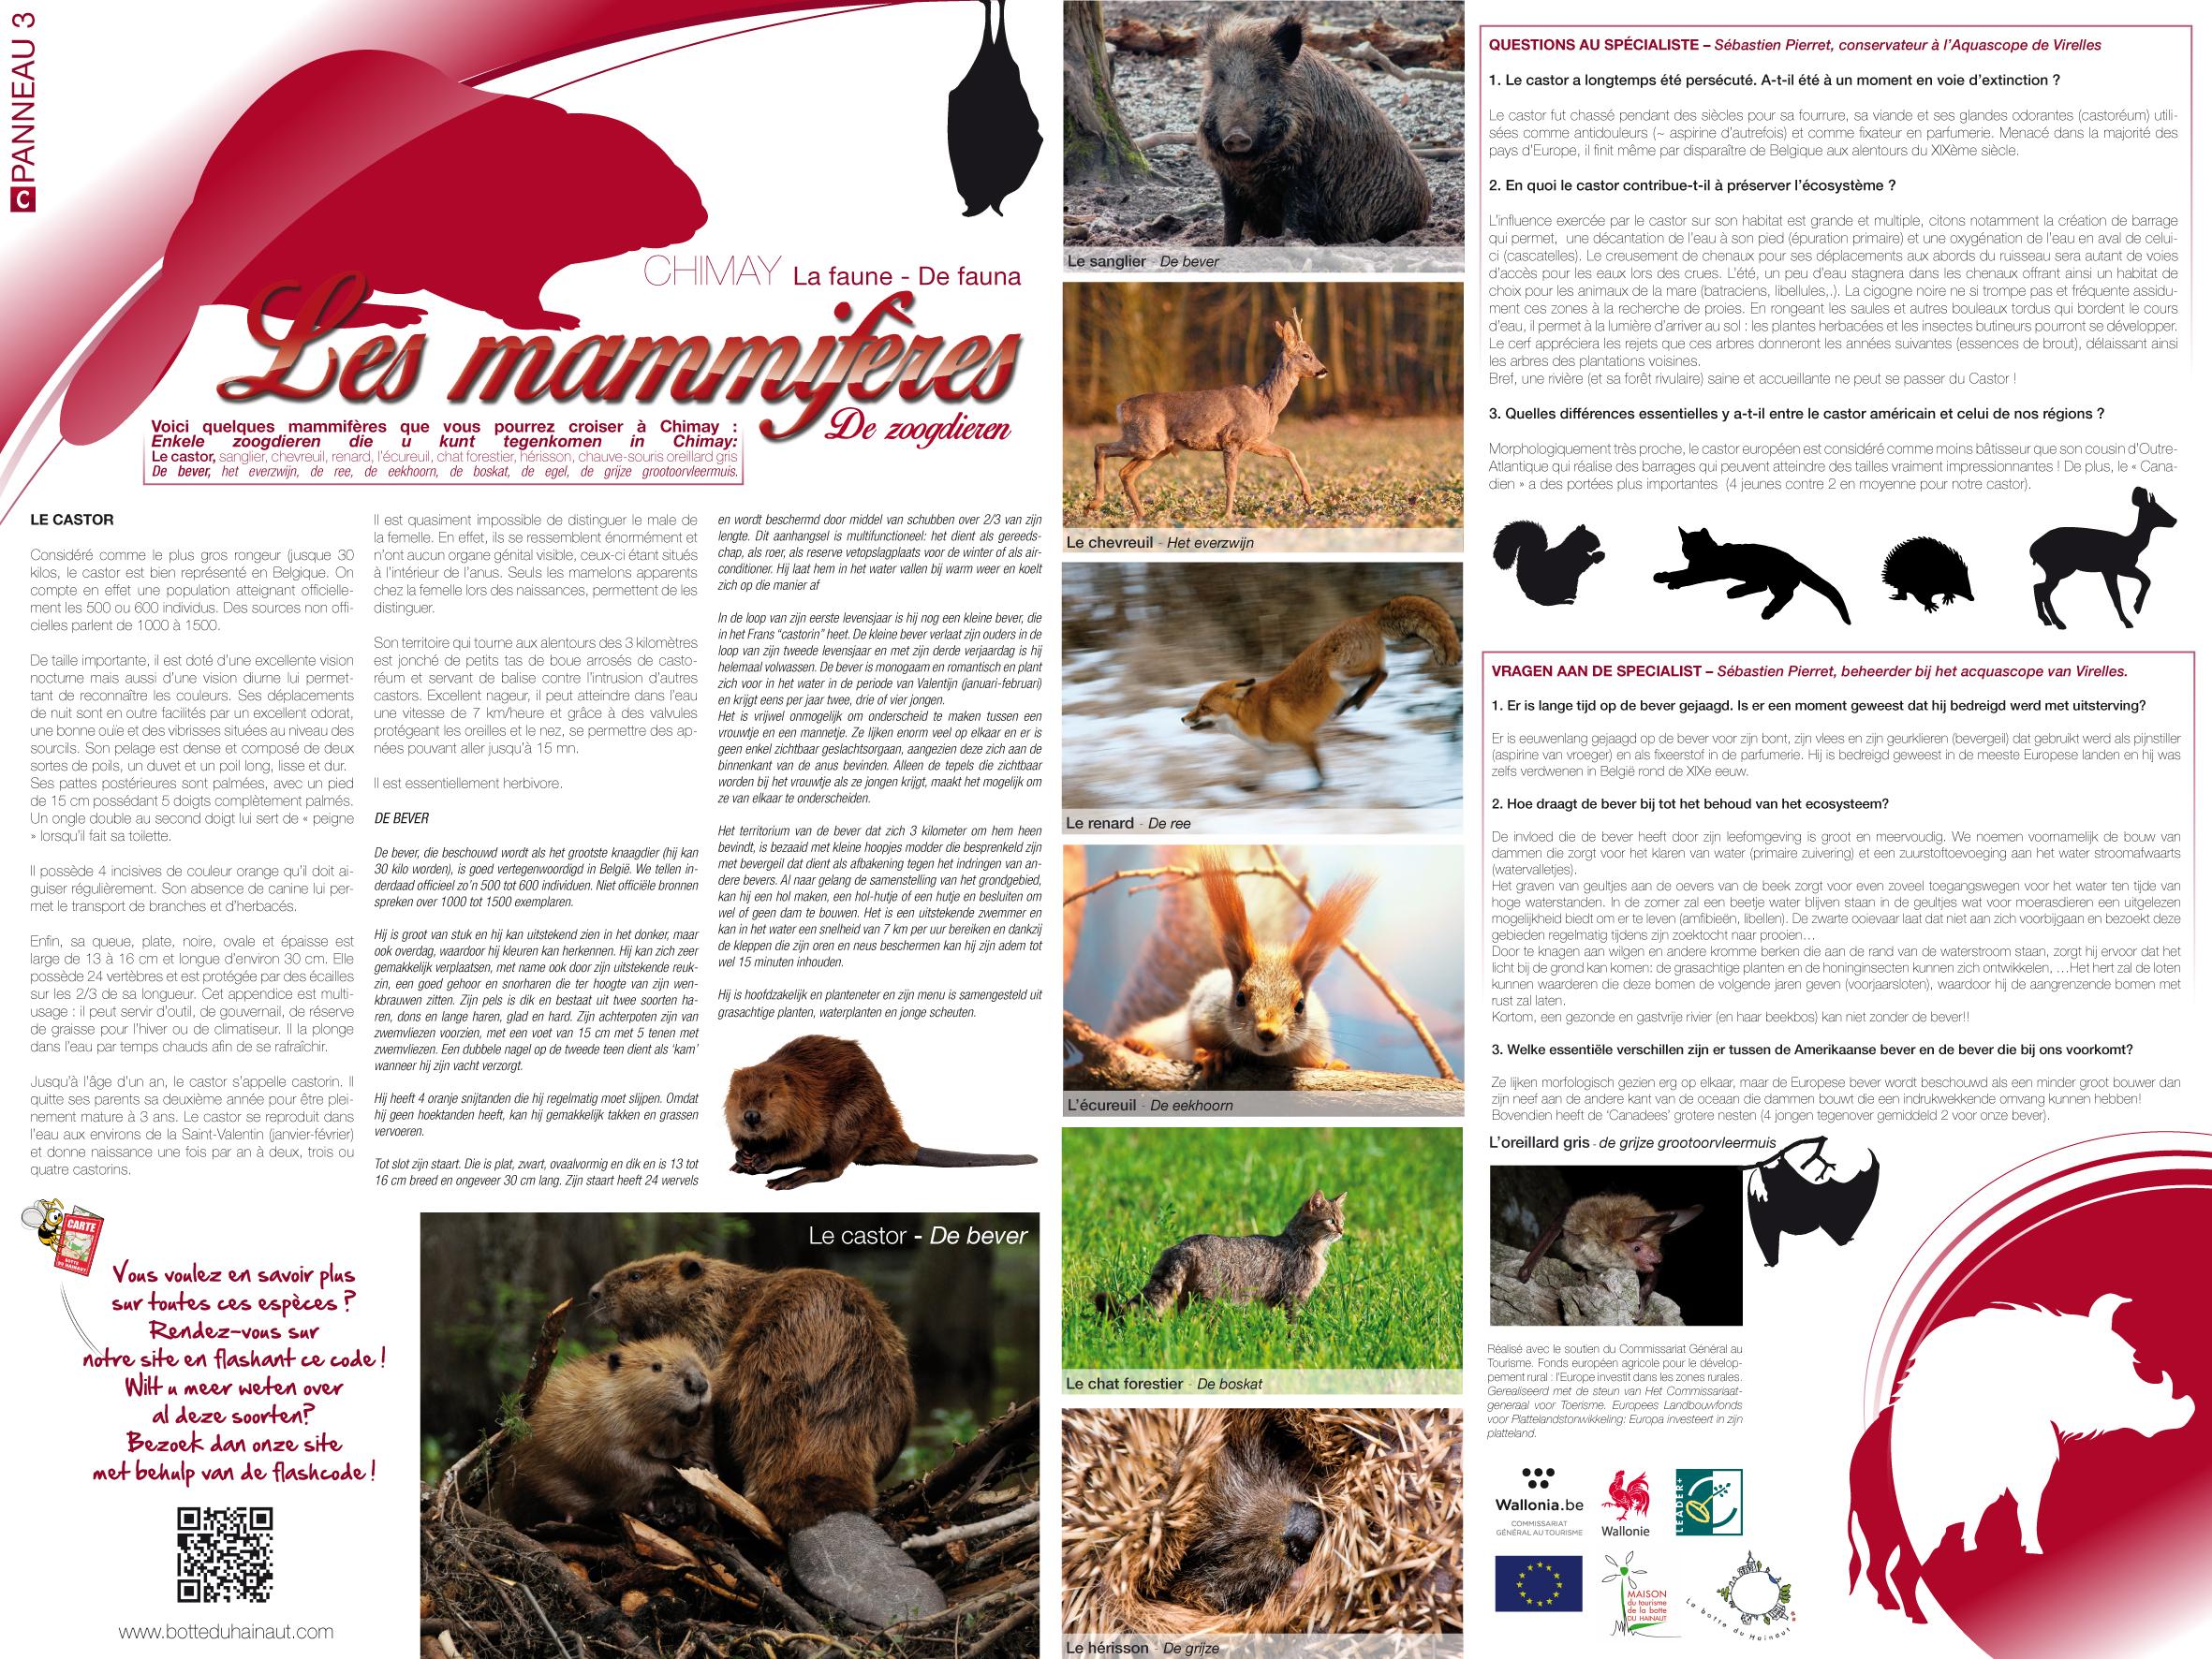 Chimay_La_faune_Les_mammifères